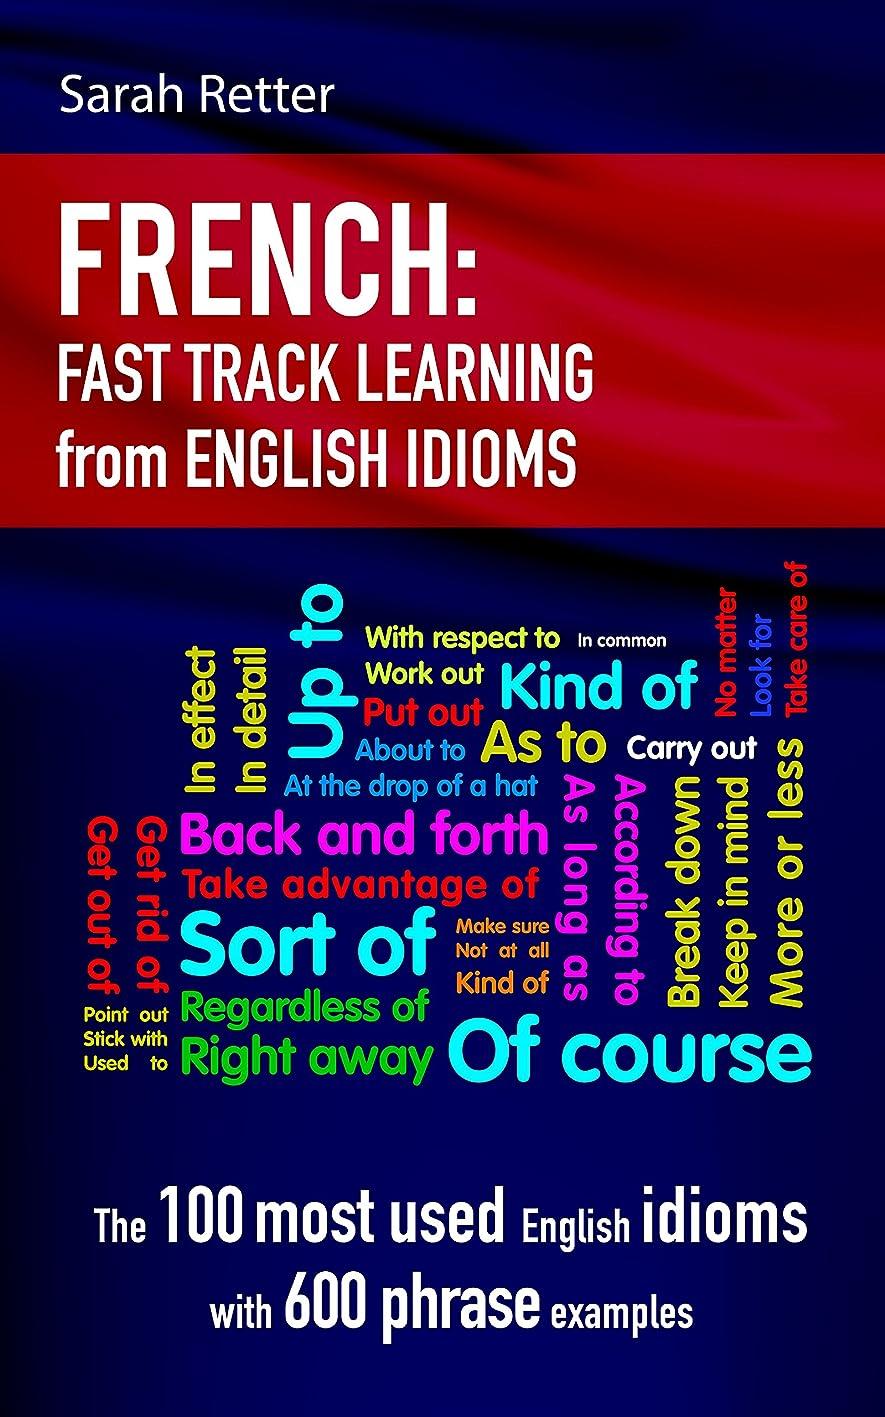 パイロット植物学者欠如FRENCH: IDIOMS FAST TRACK LEARNING FOR ENGLISH SPEAKERS: The 100 most used English idioms with 600 phrase examples. (English Edition)